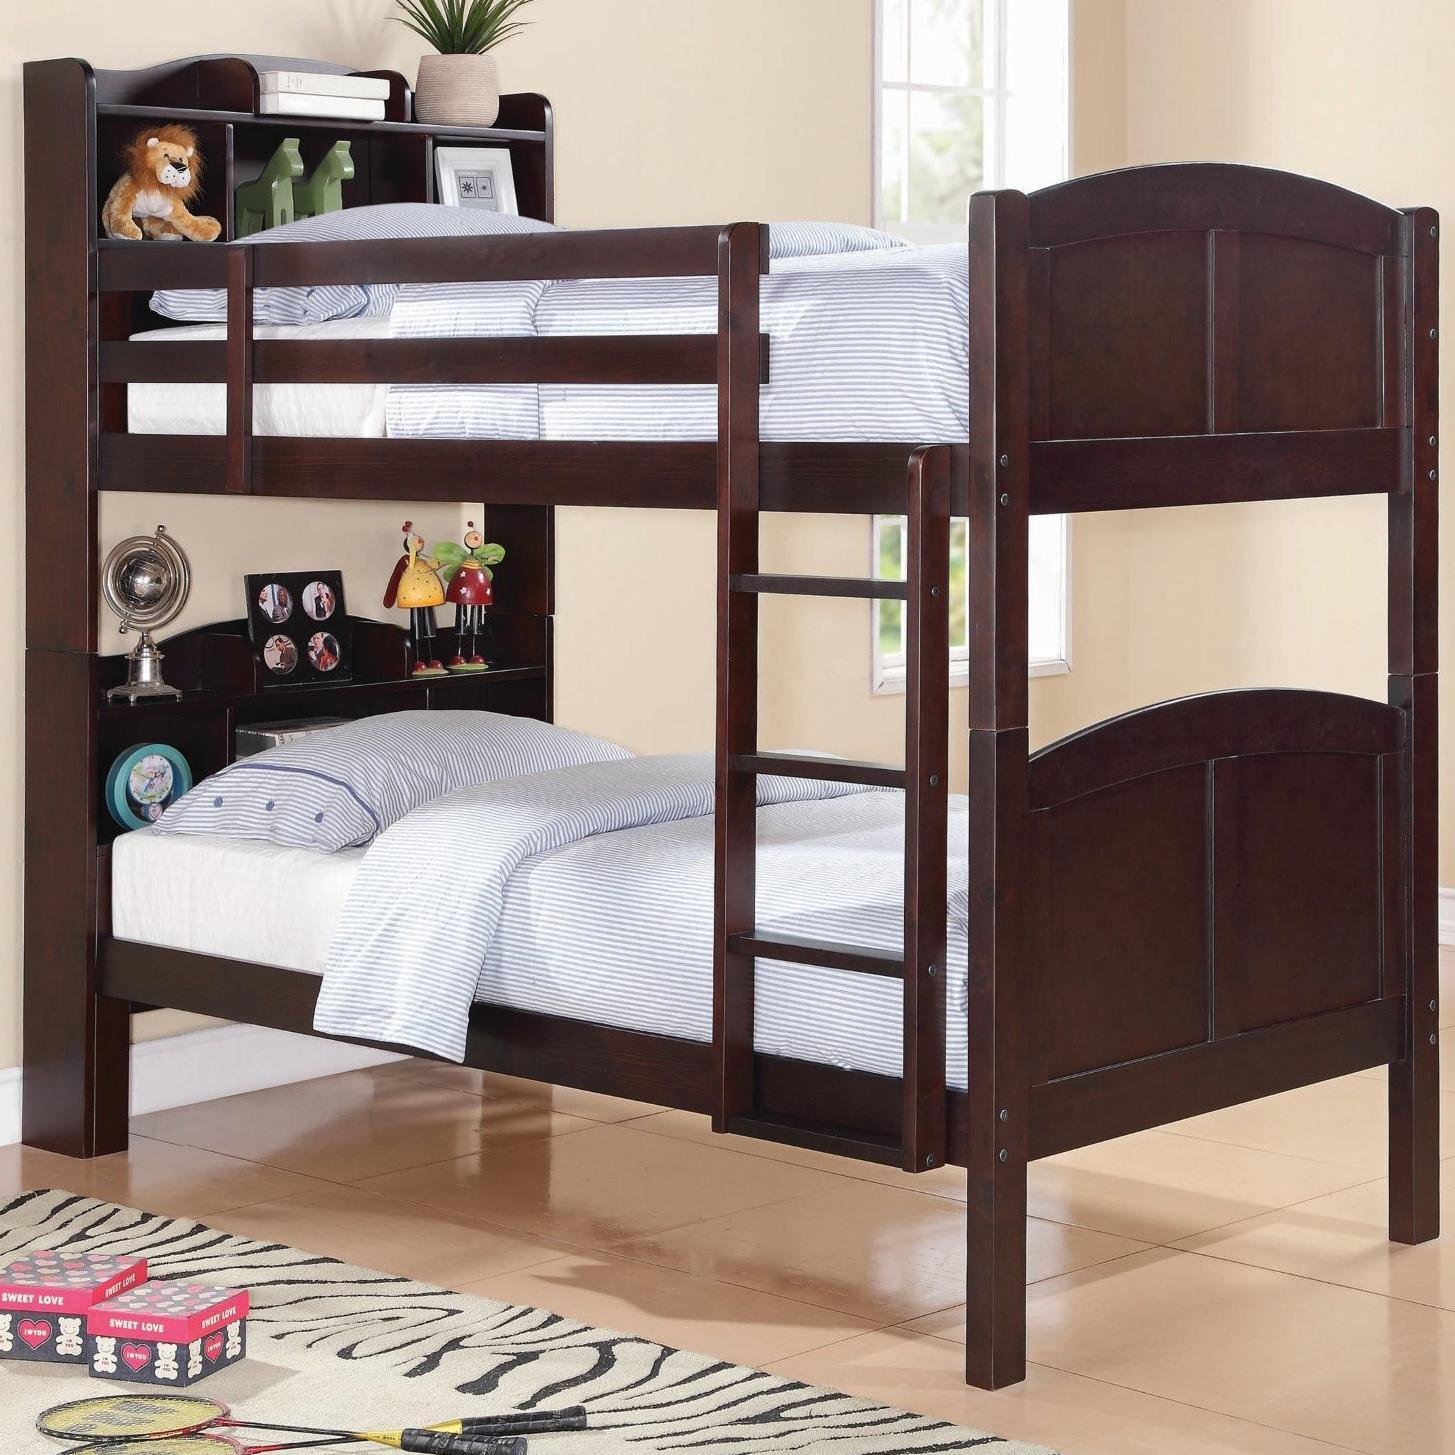 Coaster Parker Bookcase Bunk Bed - Item Number: 460442